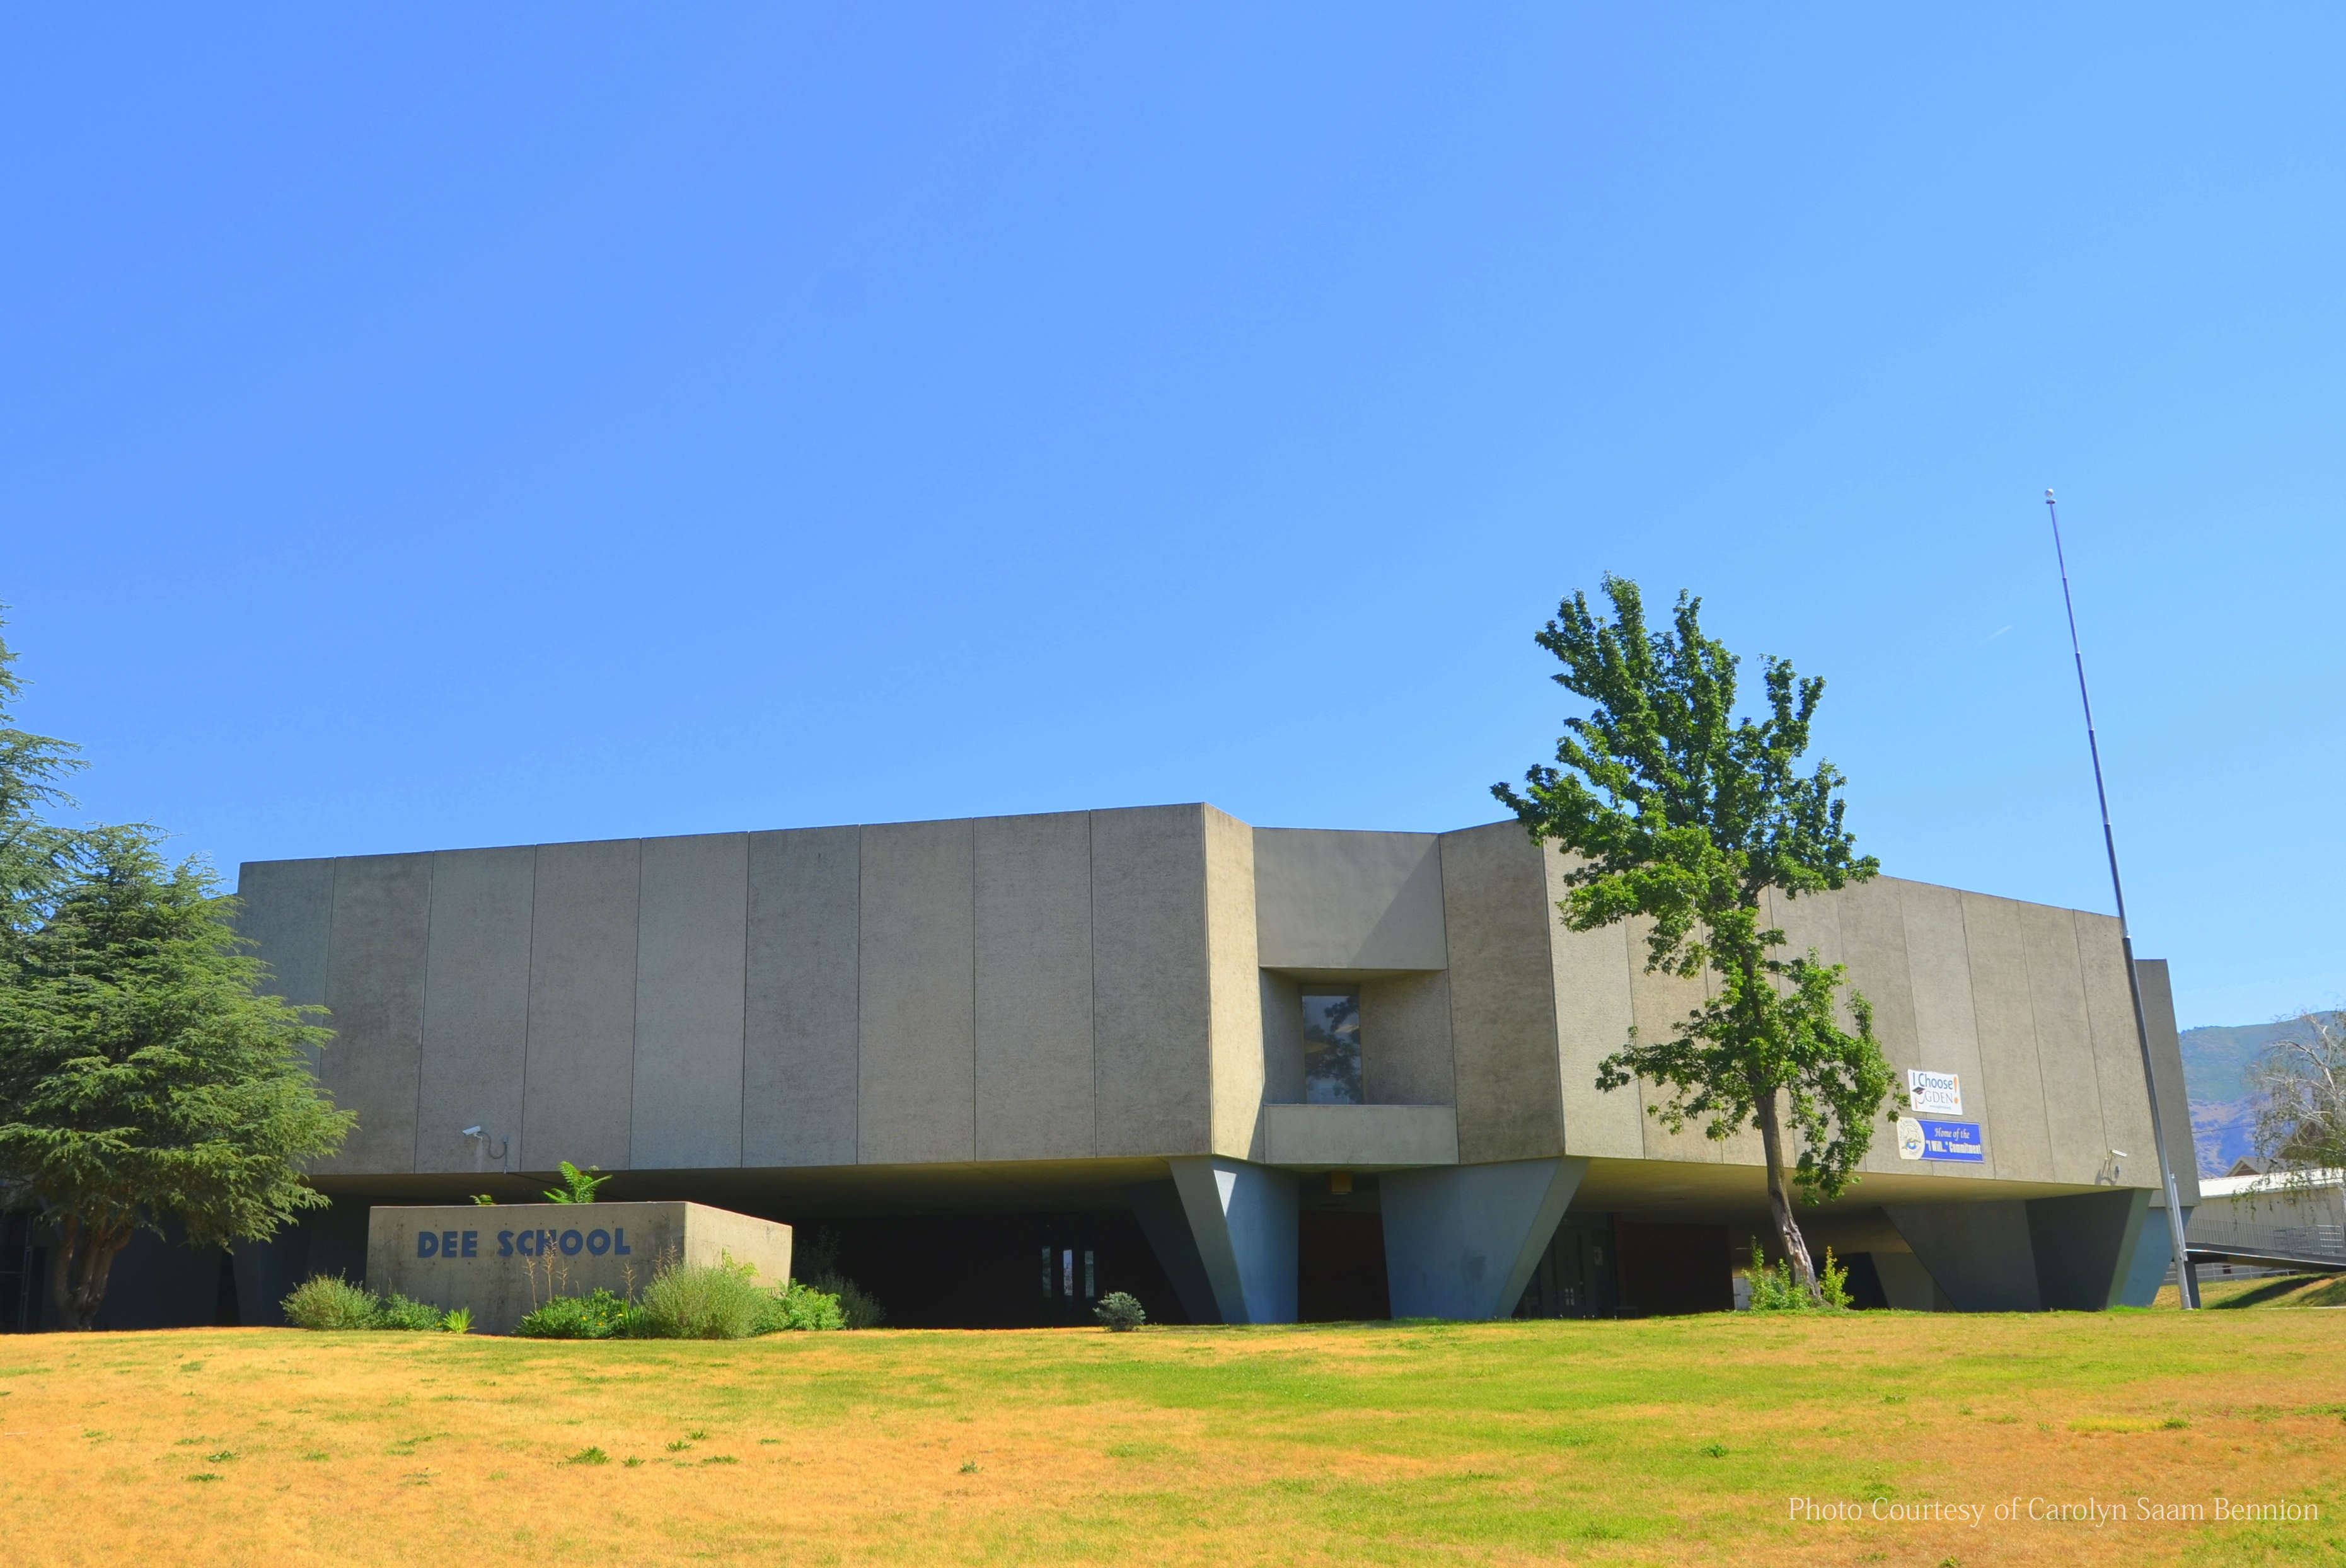 Dee Elementary School